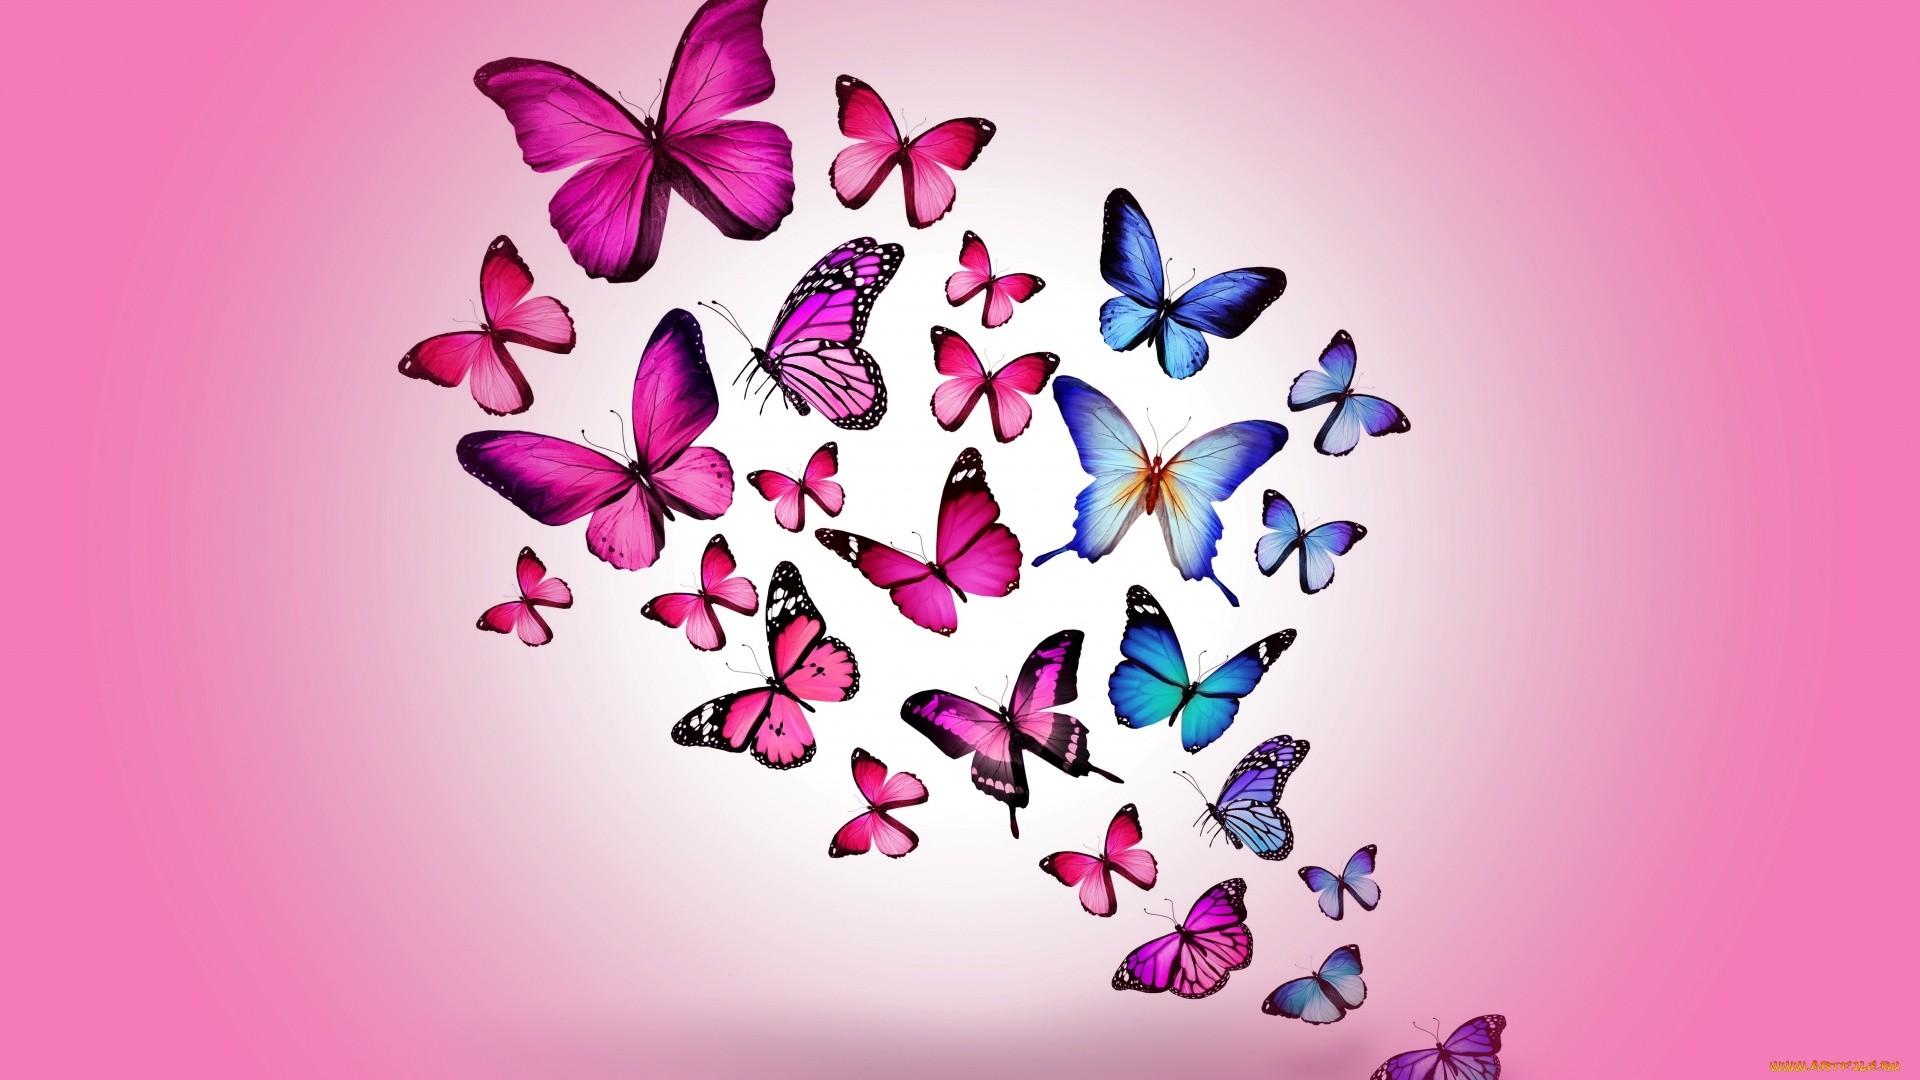 Pink Butterfly Full HD Wallpaper